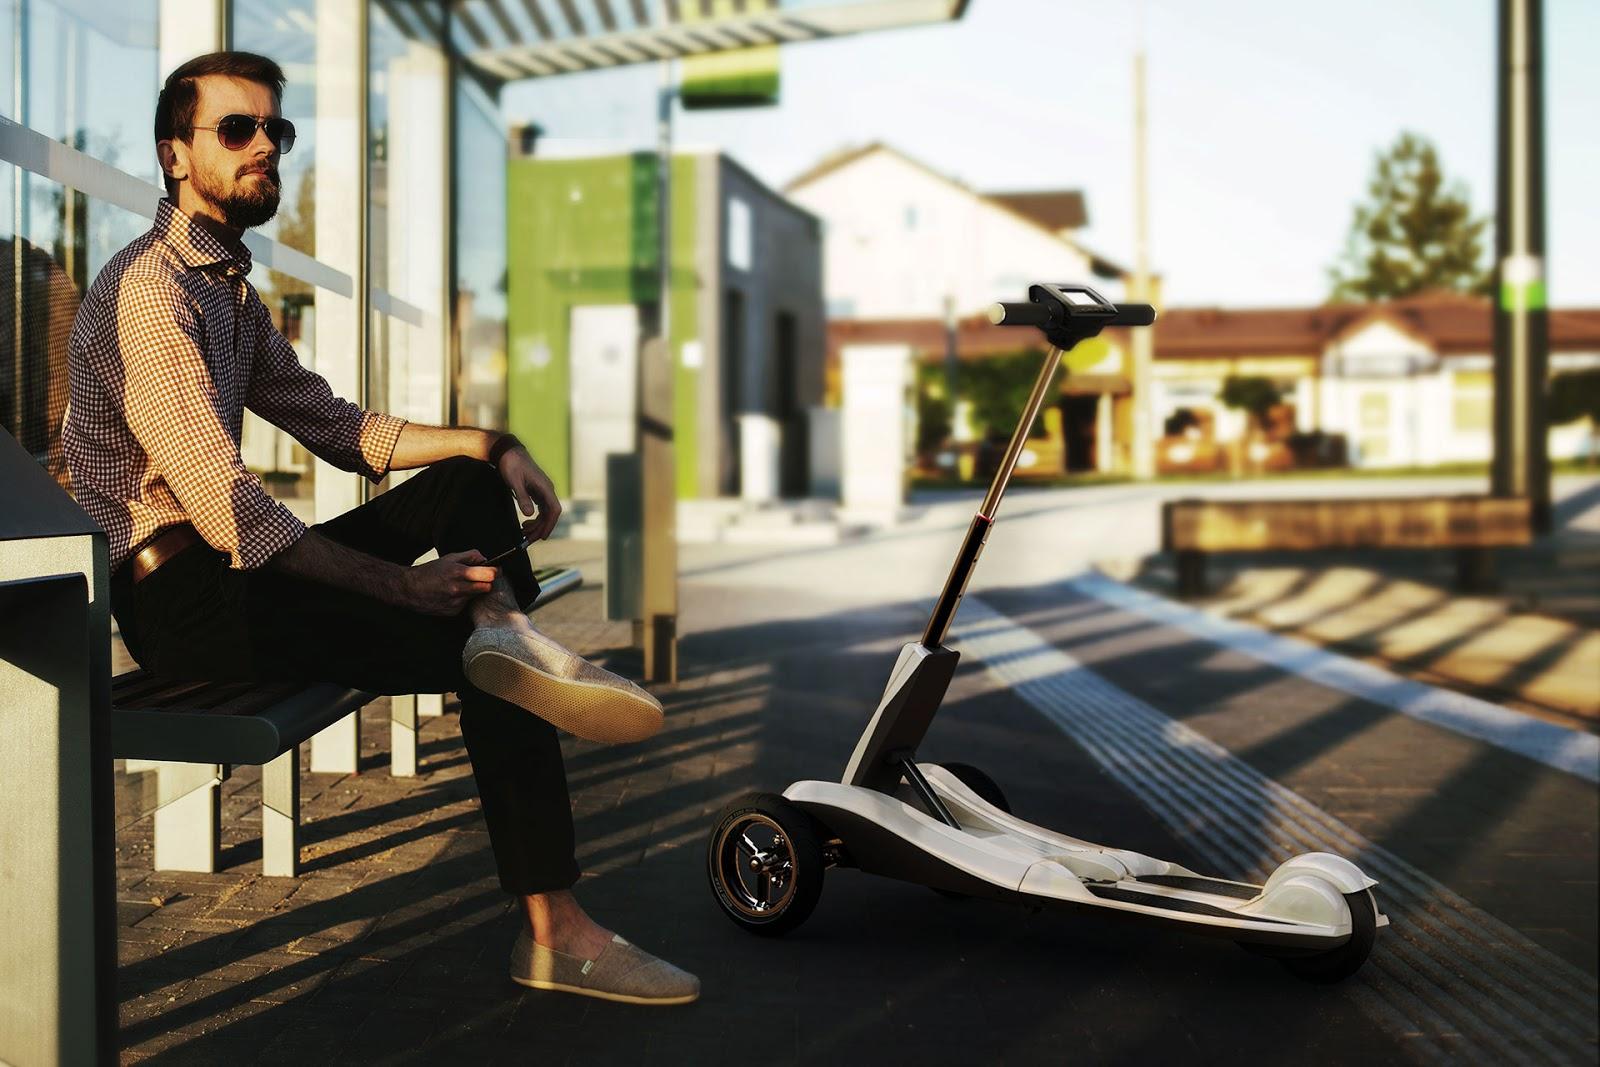 Selain Harga, Ini yang Perlu Diperhatikan Sebelum Membeli Scooter Listrik